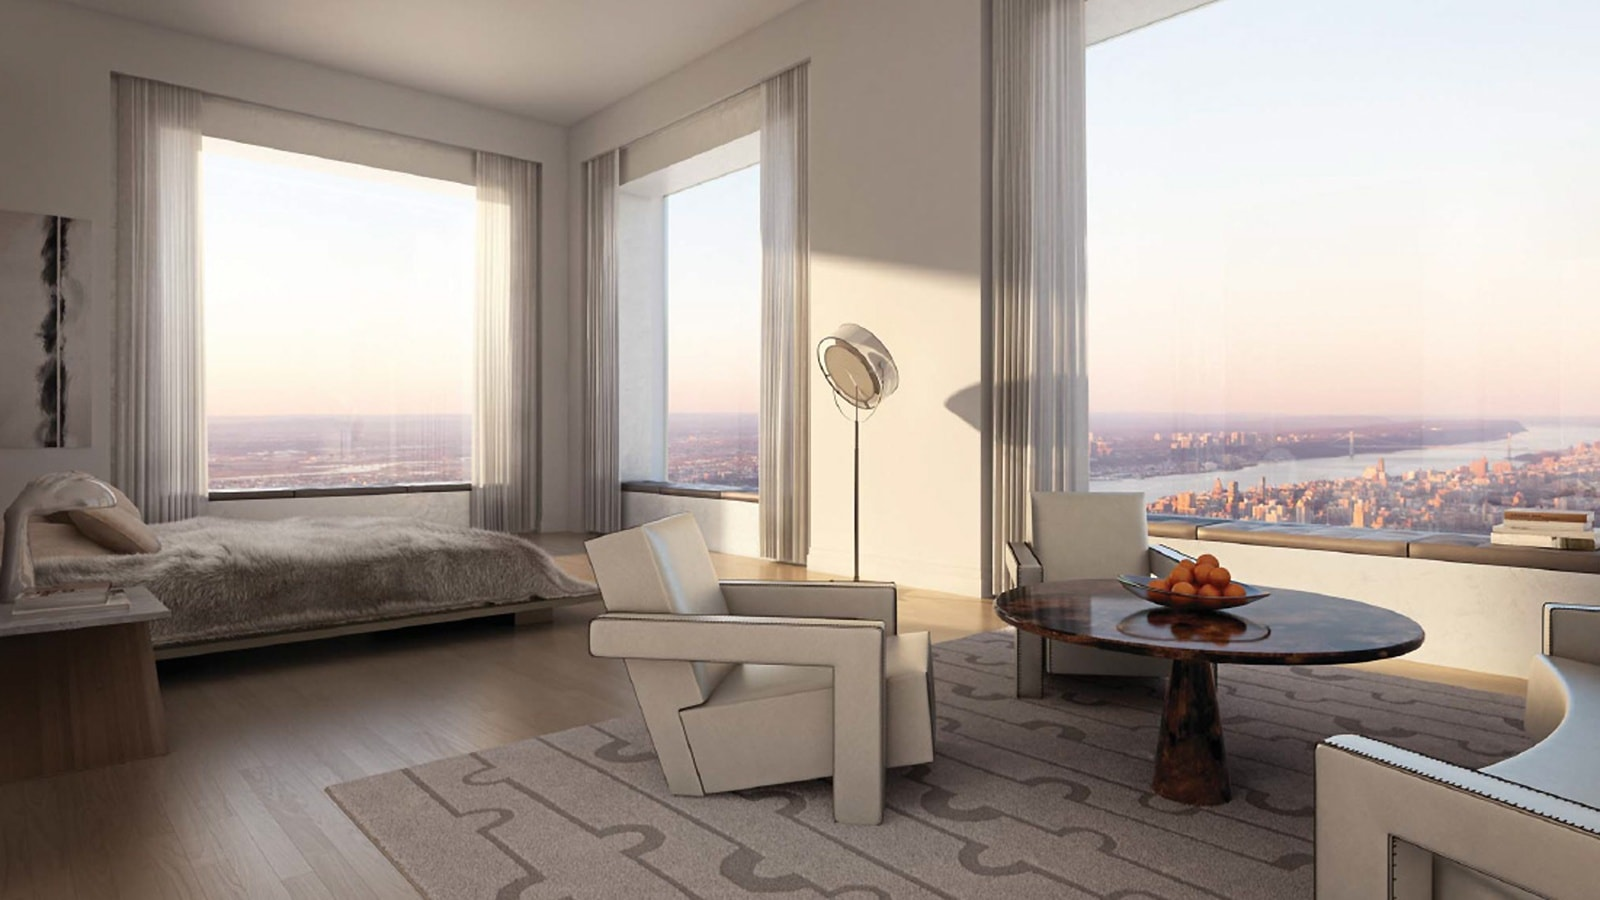 432 Park Avenue Midtown East Bedroom 2 Jpg